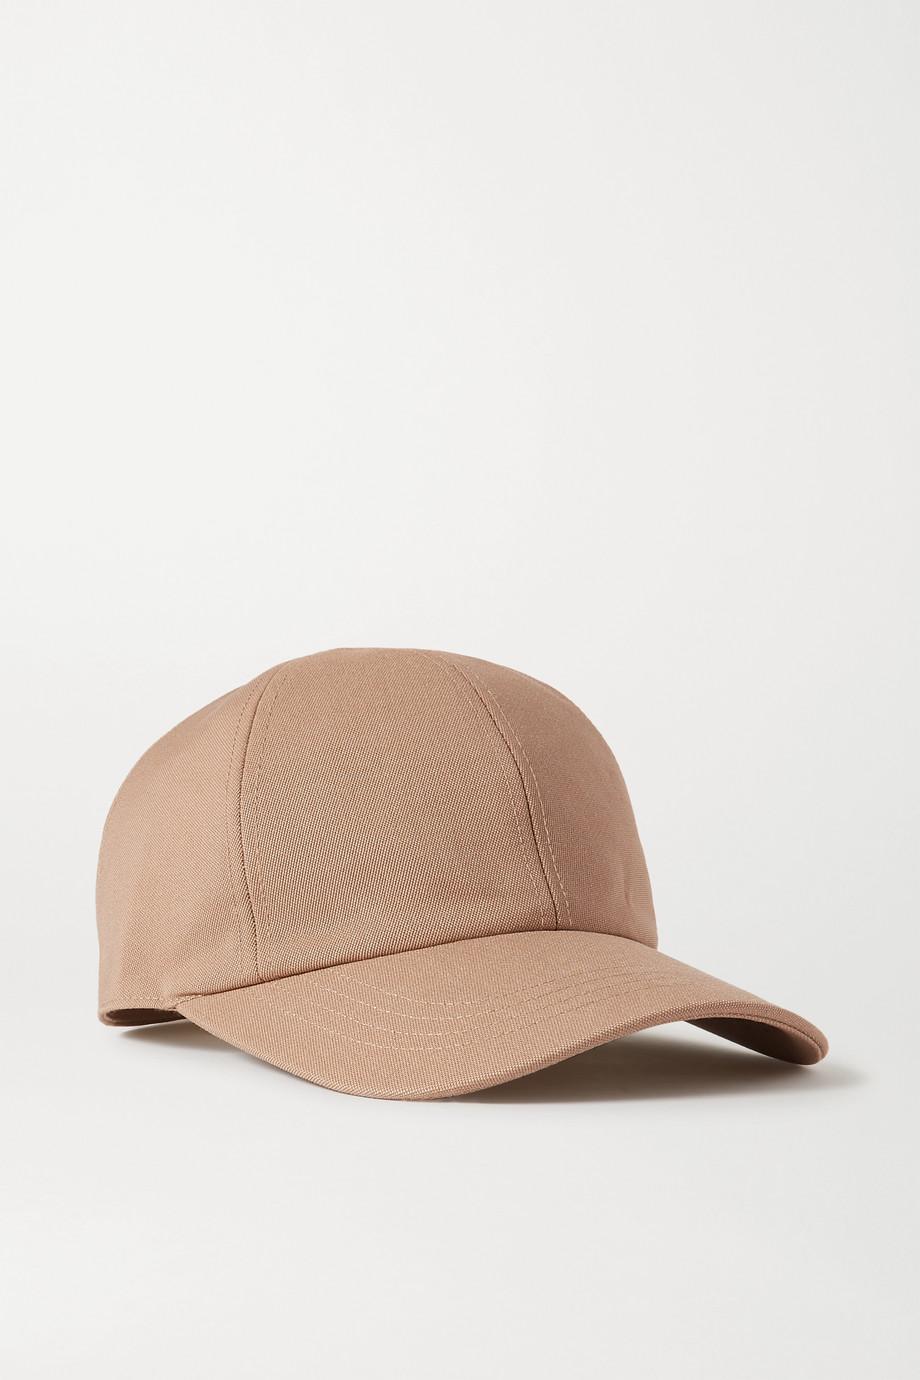 Totême Soho cotton-twill baseball cap